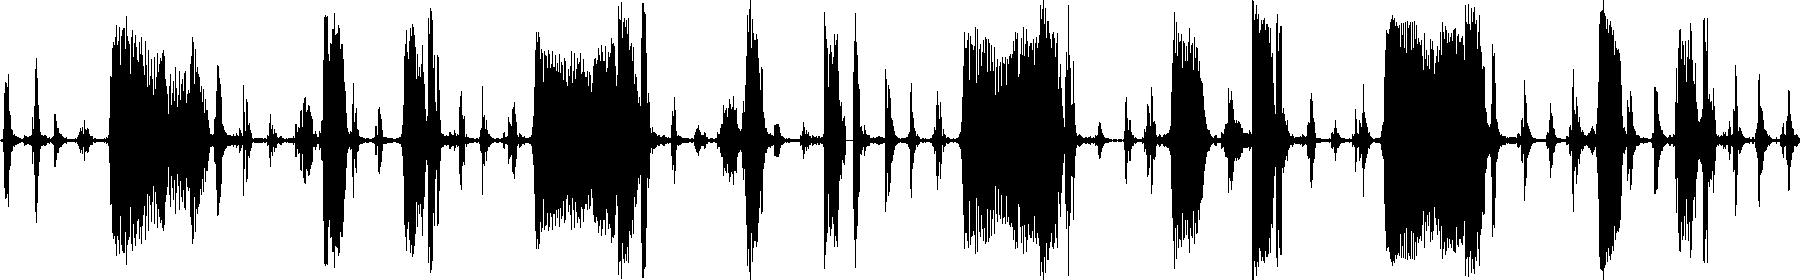 guitarfunk20 120